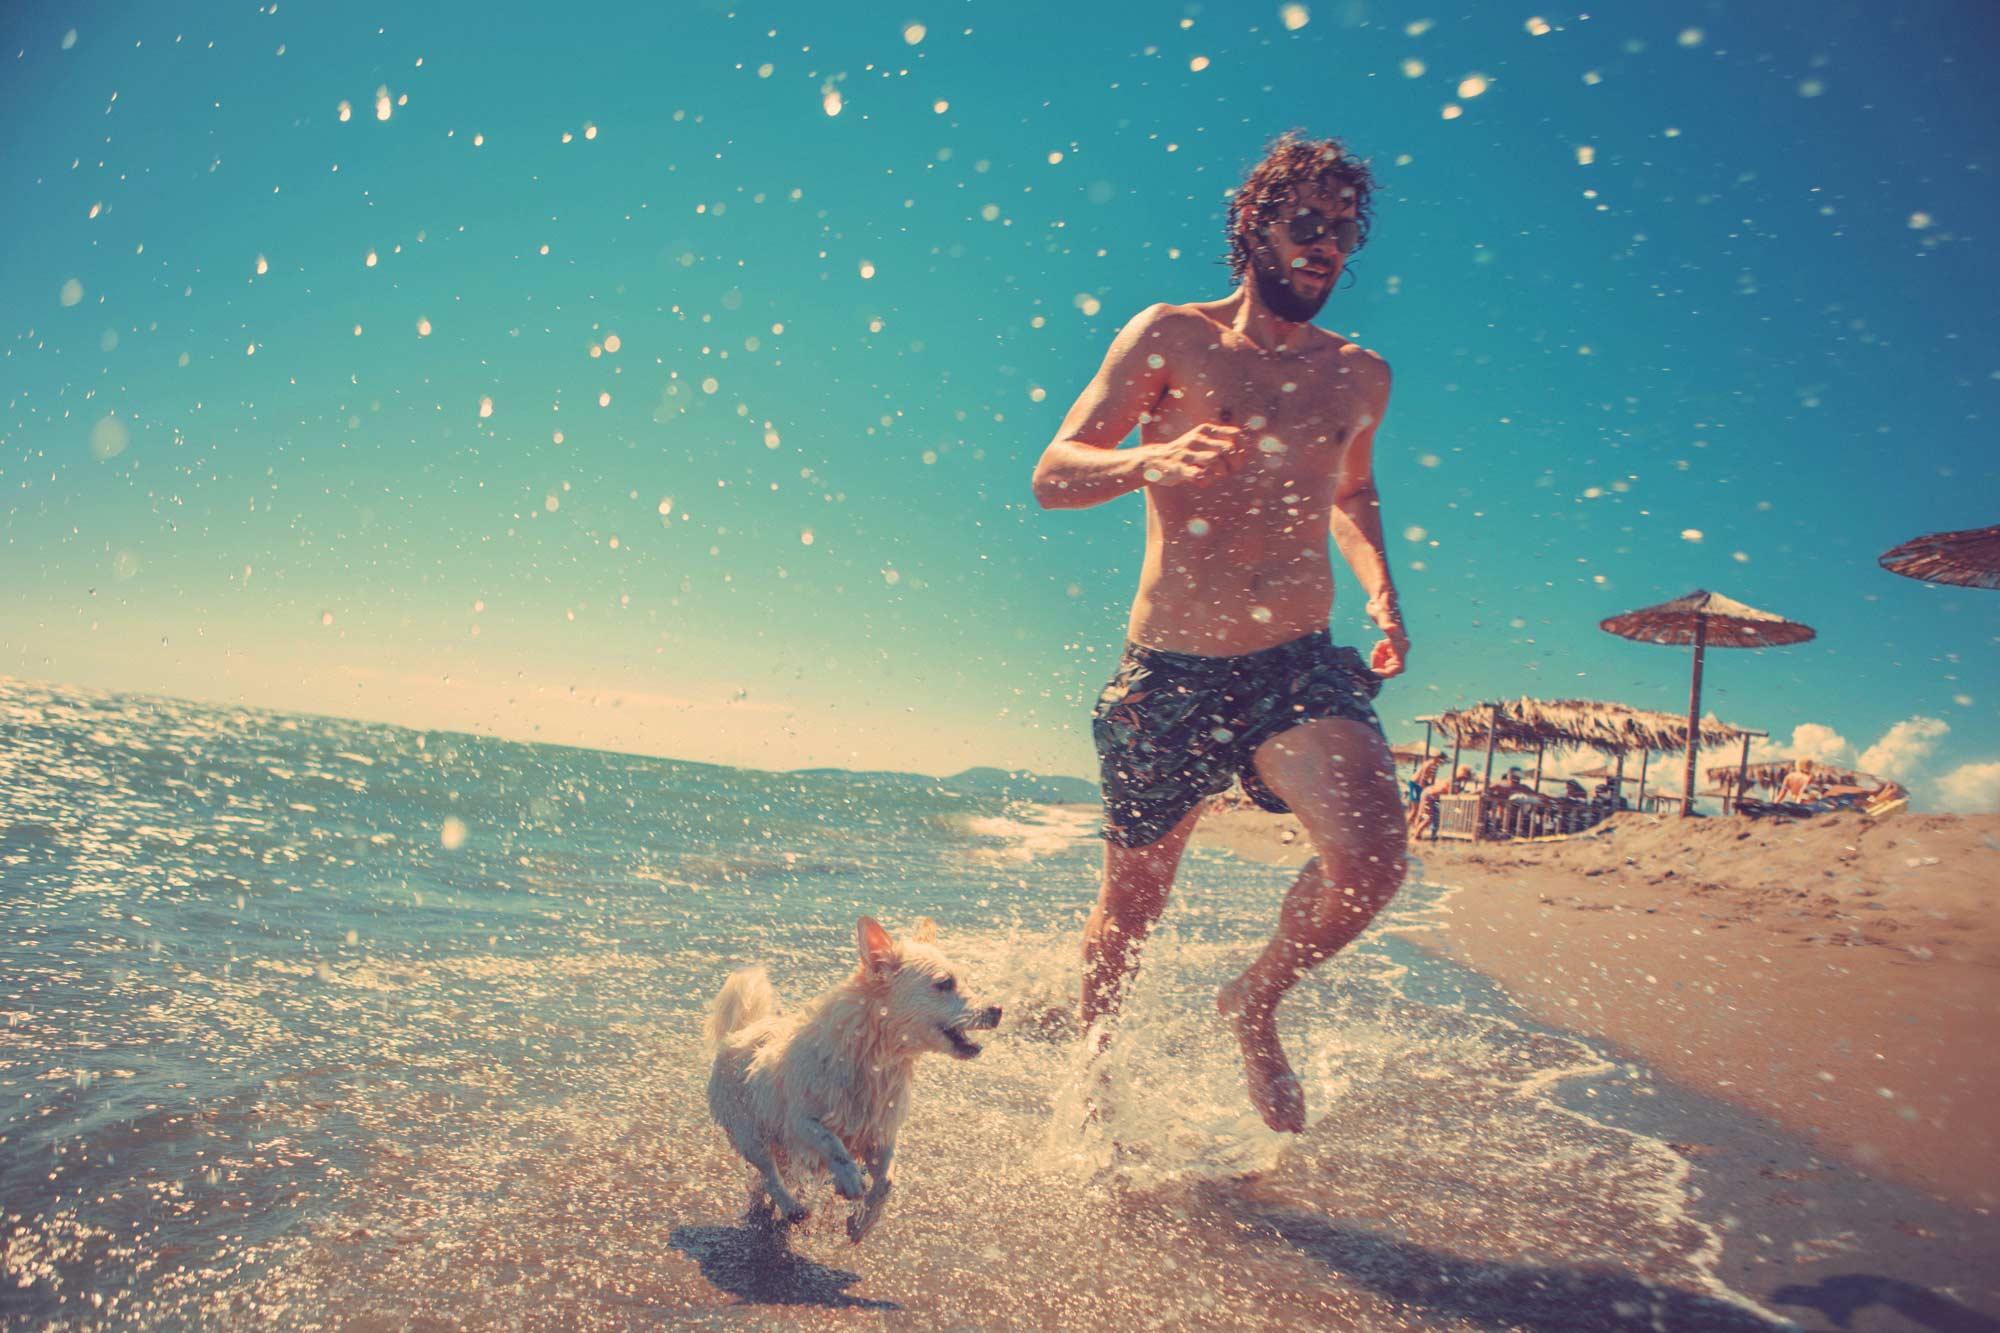 Homem e cachorro na praia ilustram matéria sobre cuidado com o cabelo masculino na praia